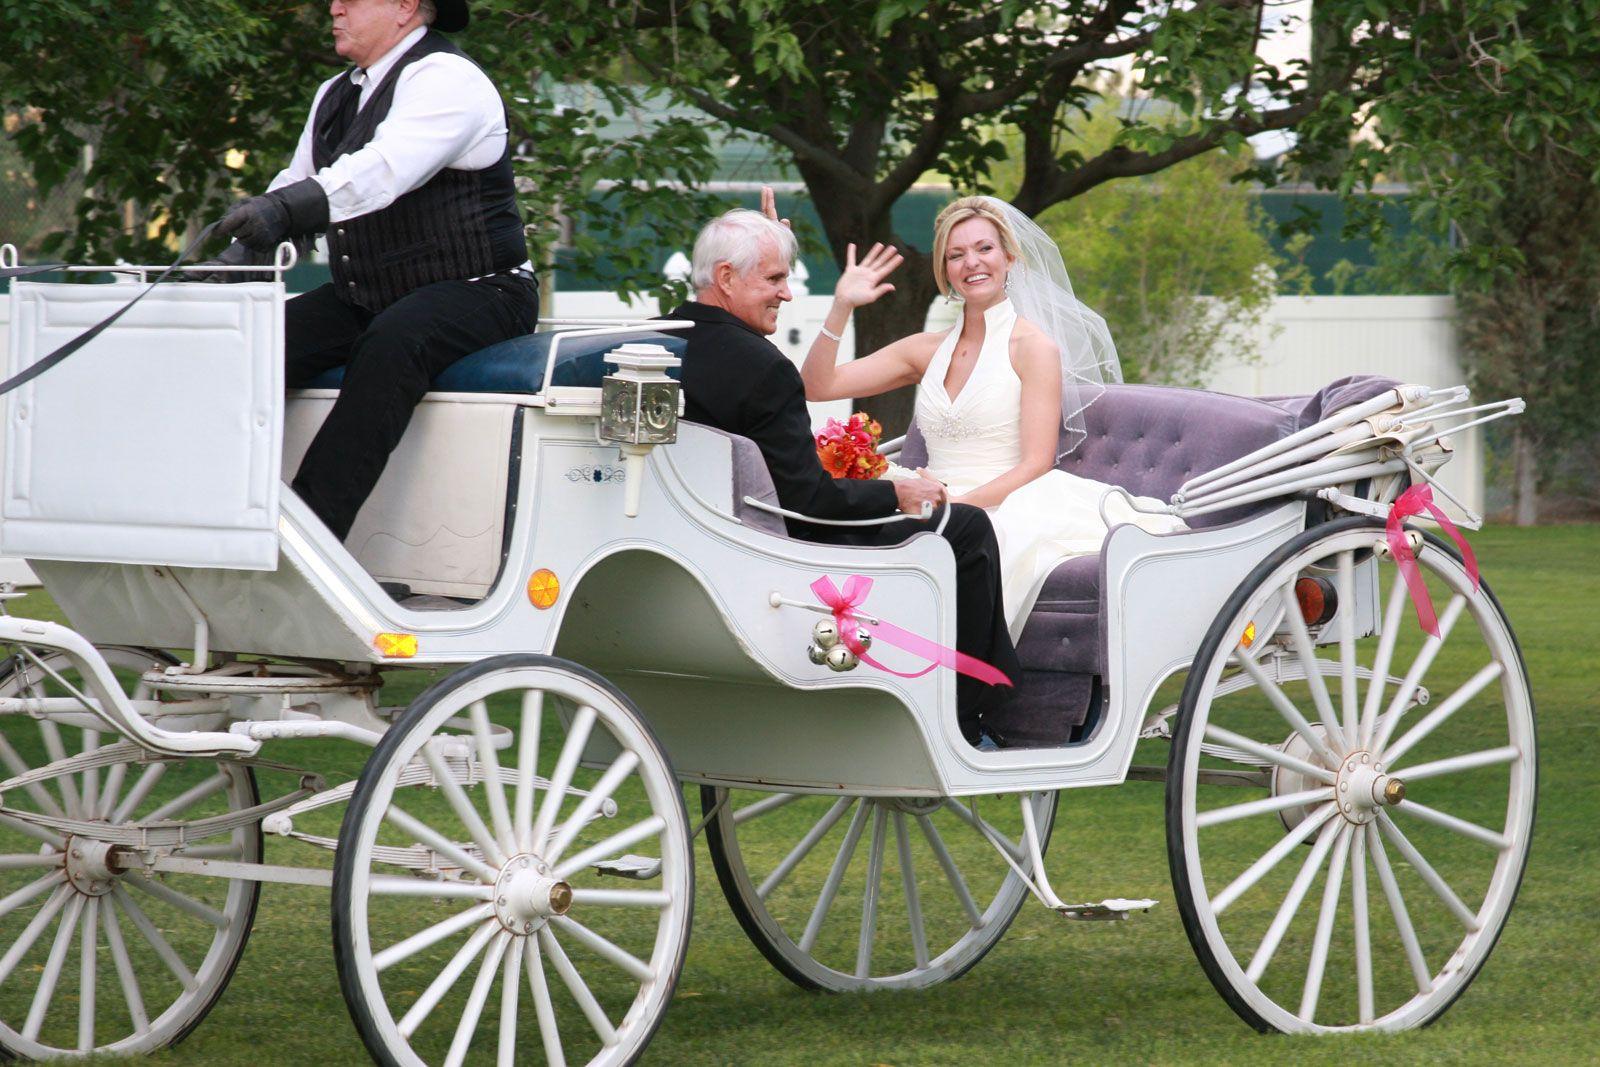 Horse Drawn Carriage At Secret Garden Wedding Center Dean Martin Drive Las Vegas